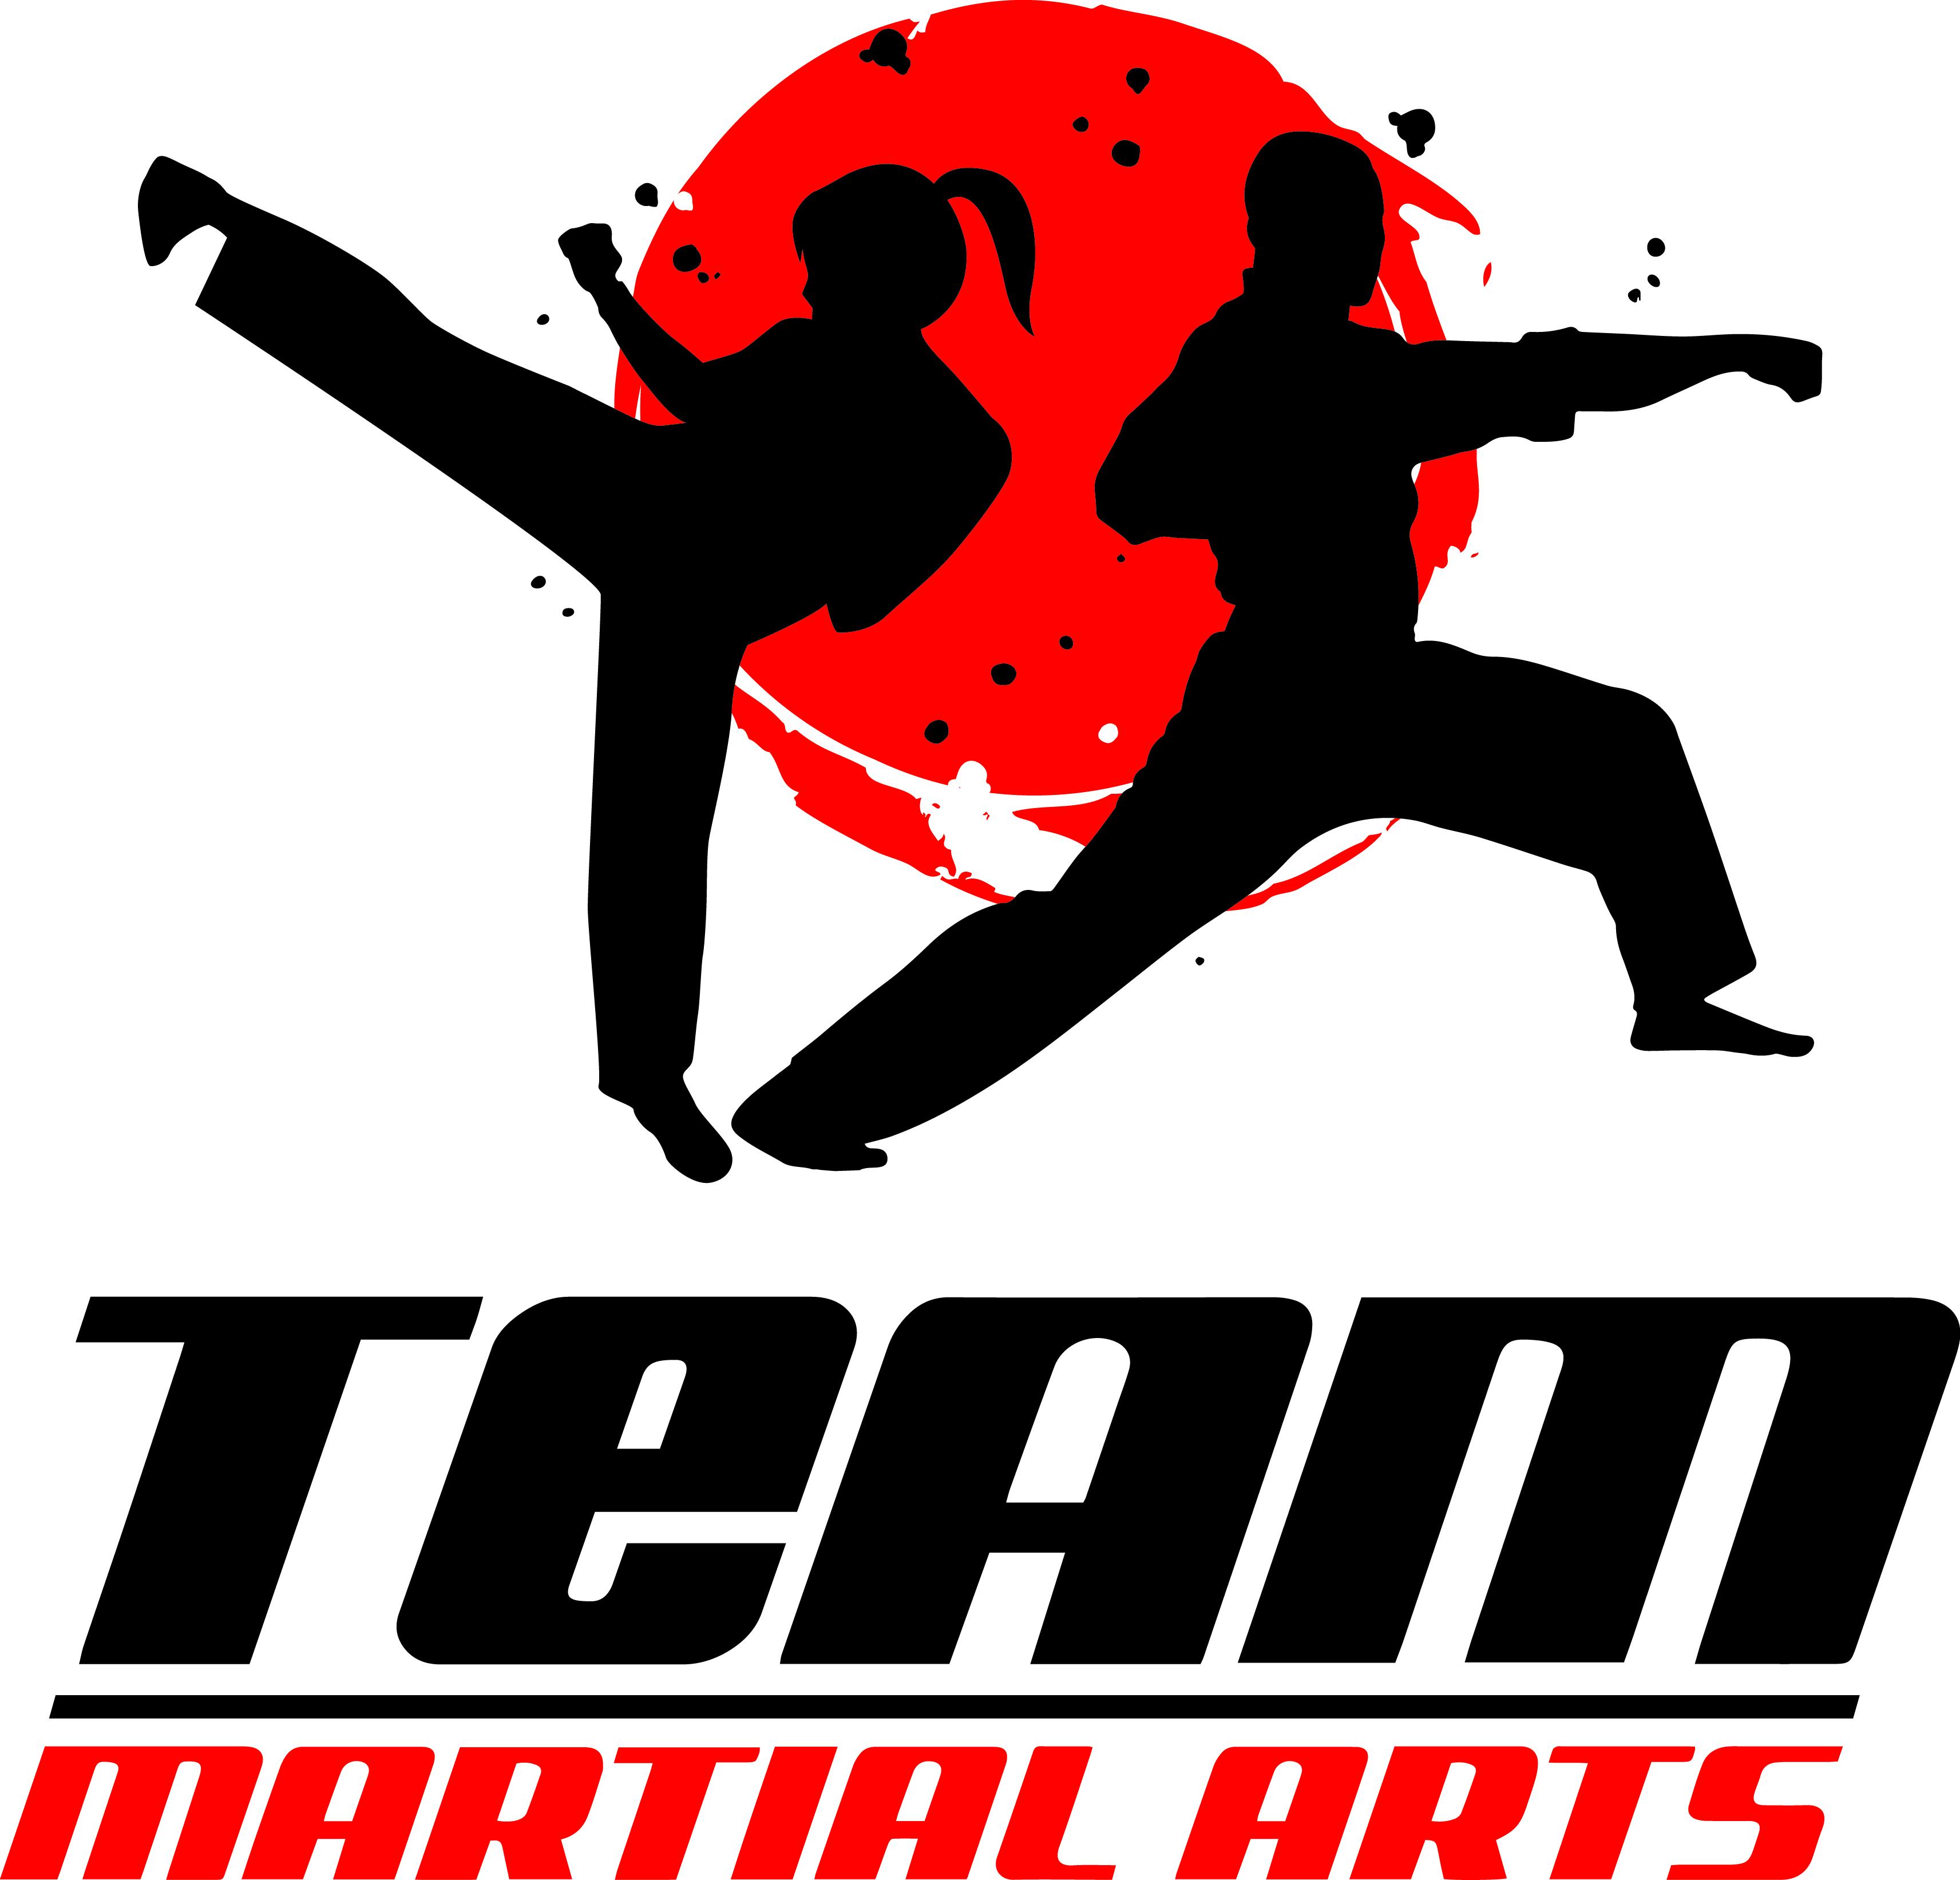 karate logo friends of joe michell school rh friendsofjoemichellschool org karate logo photo karate logo images